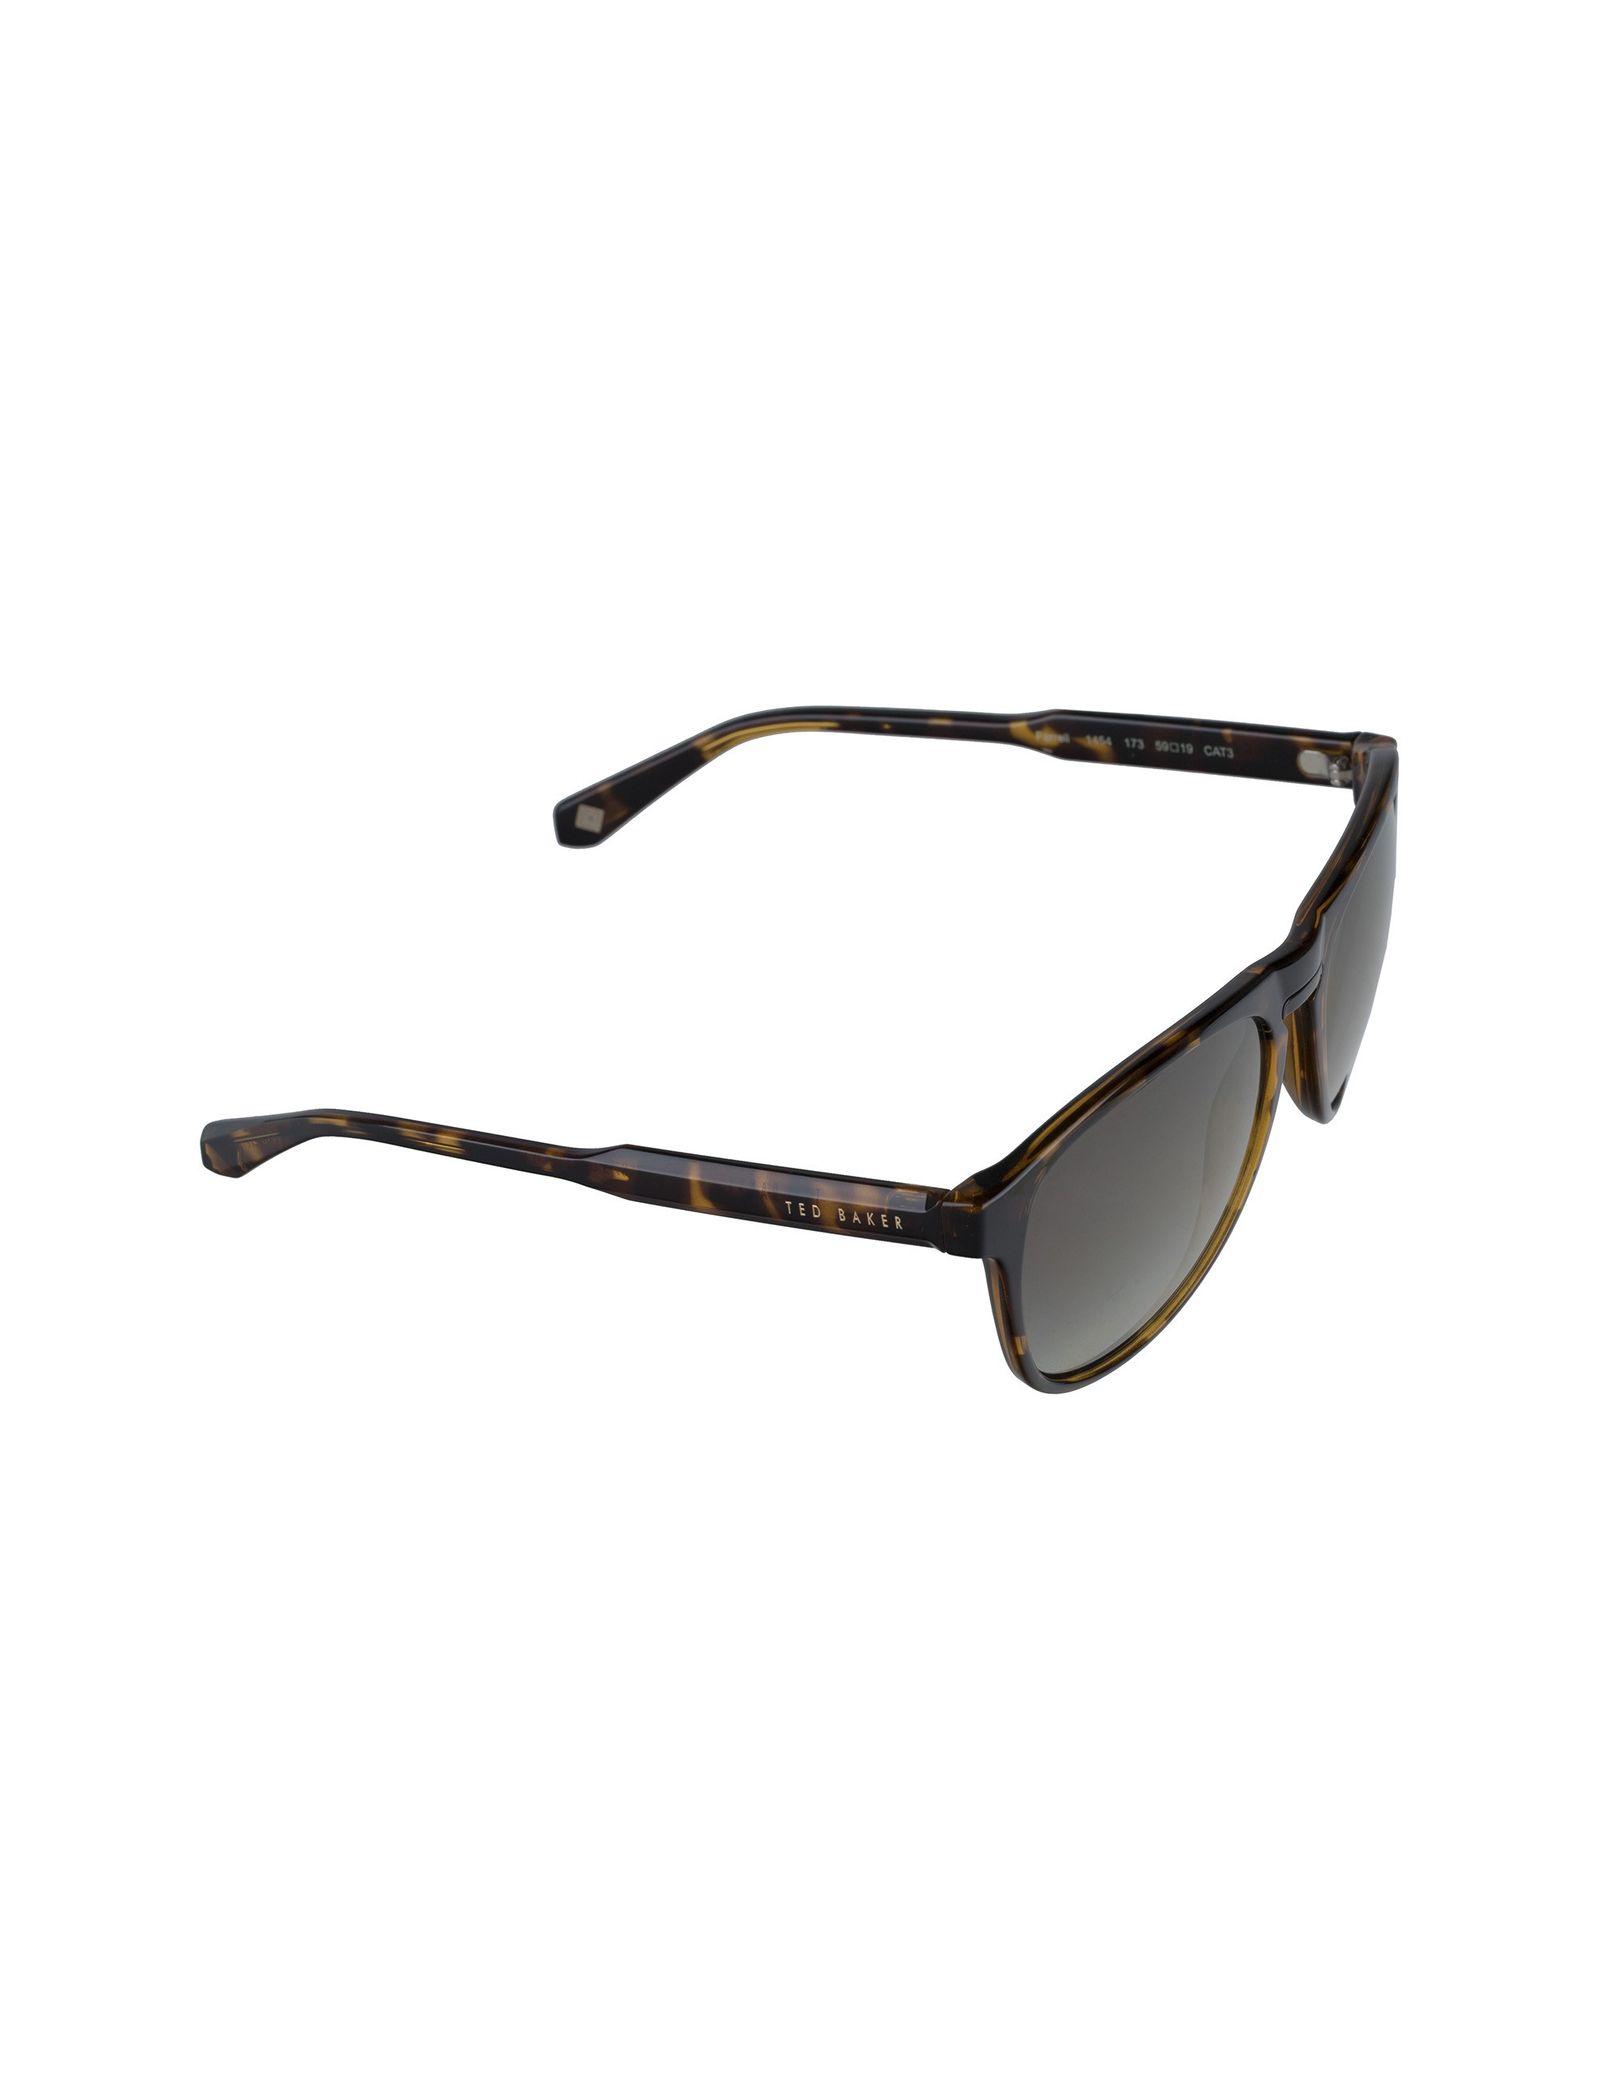 عینک آفتابی خلبانی زنانه - تد بیکر - قهوه اي لاک پشتي - 4